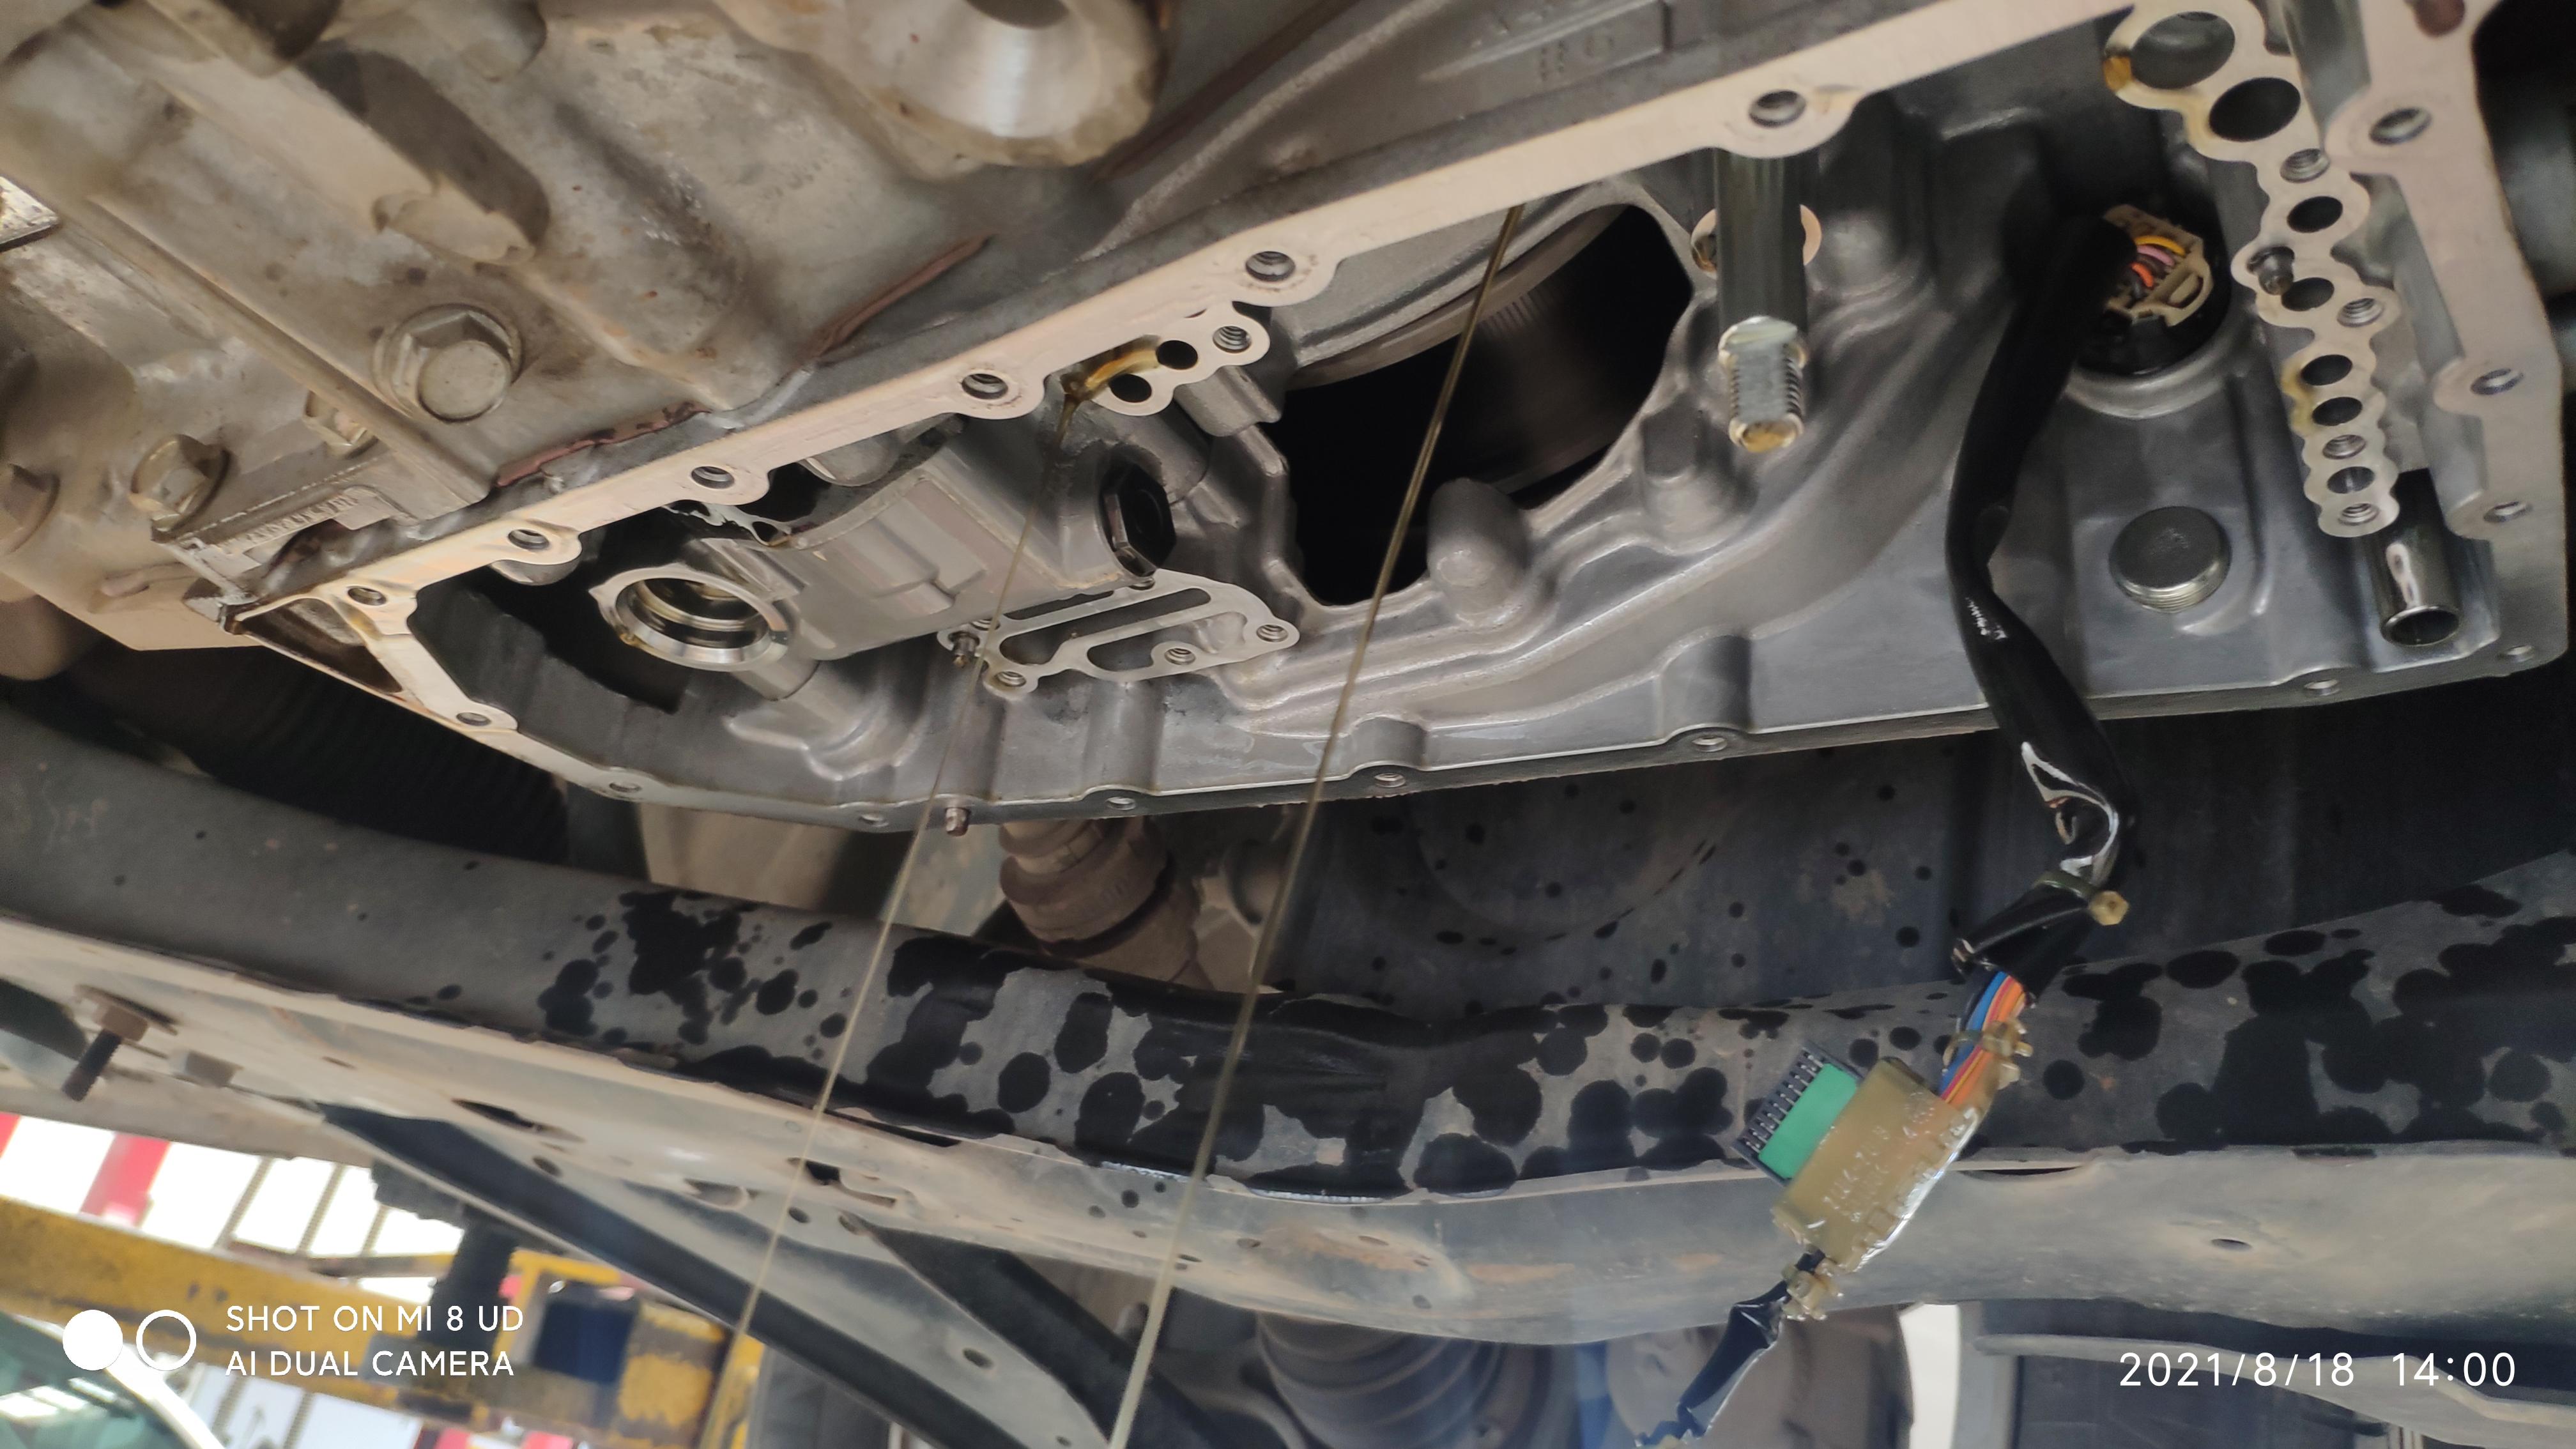 東風日產逍客電磁閥故障,導致車輛需要更換變速箱